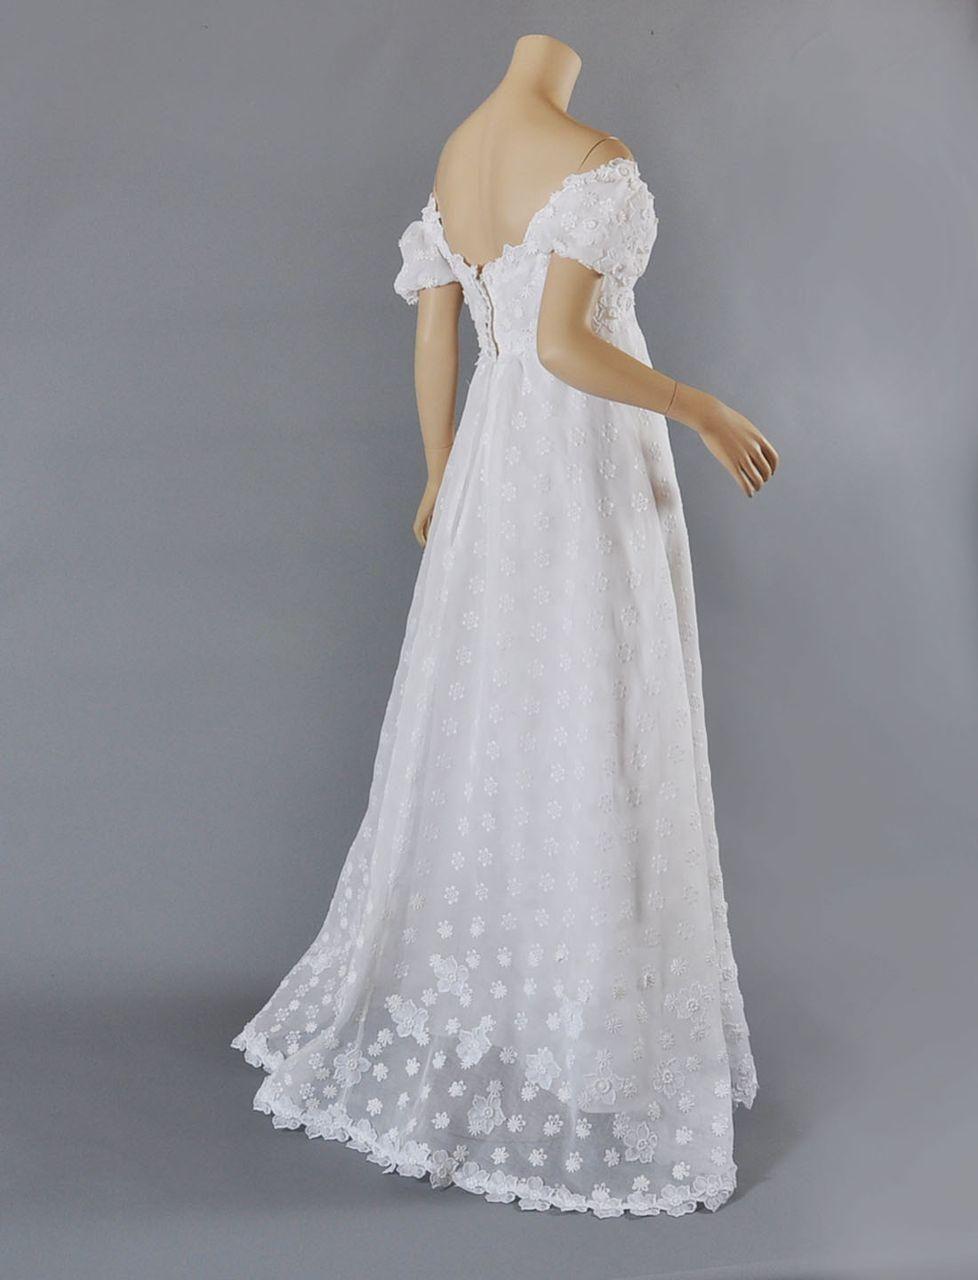 Vntg Priscilla of Boston 1960's Wedding Gown w / Veil SM